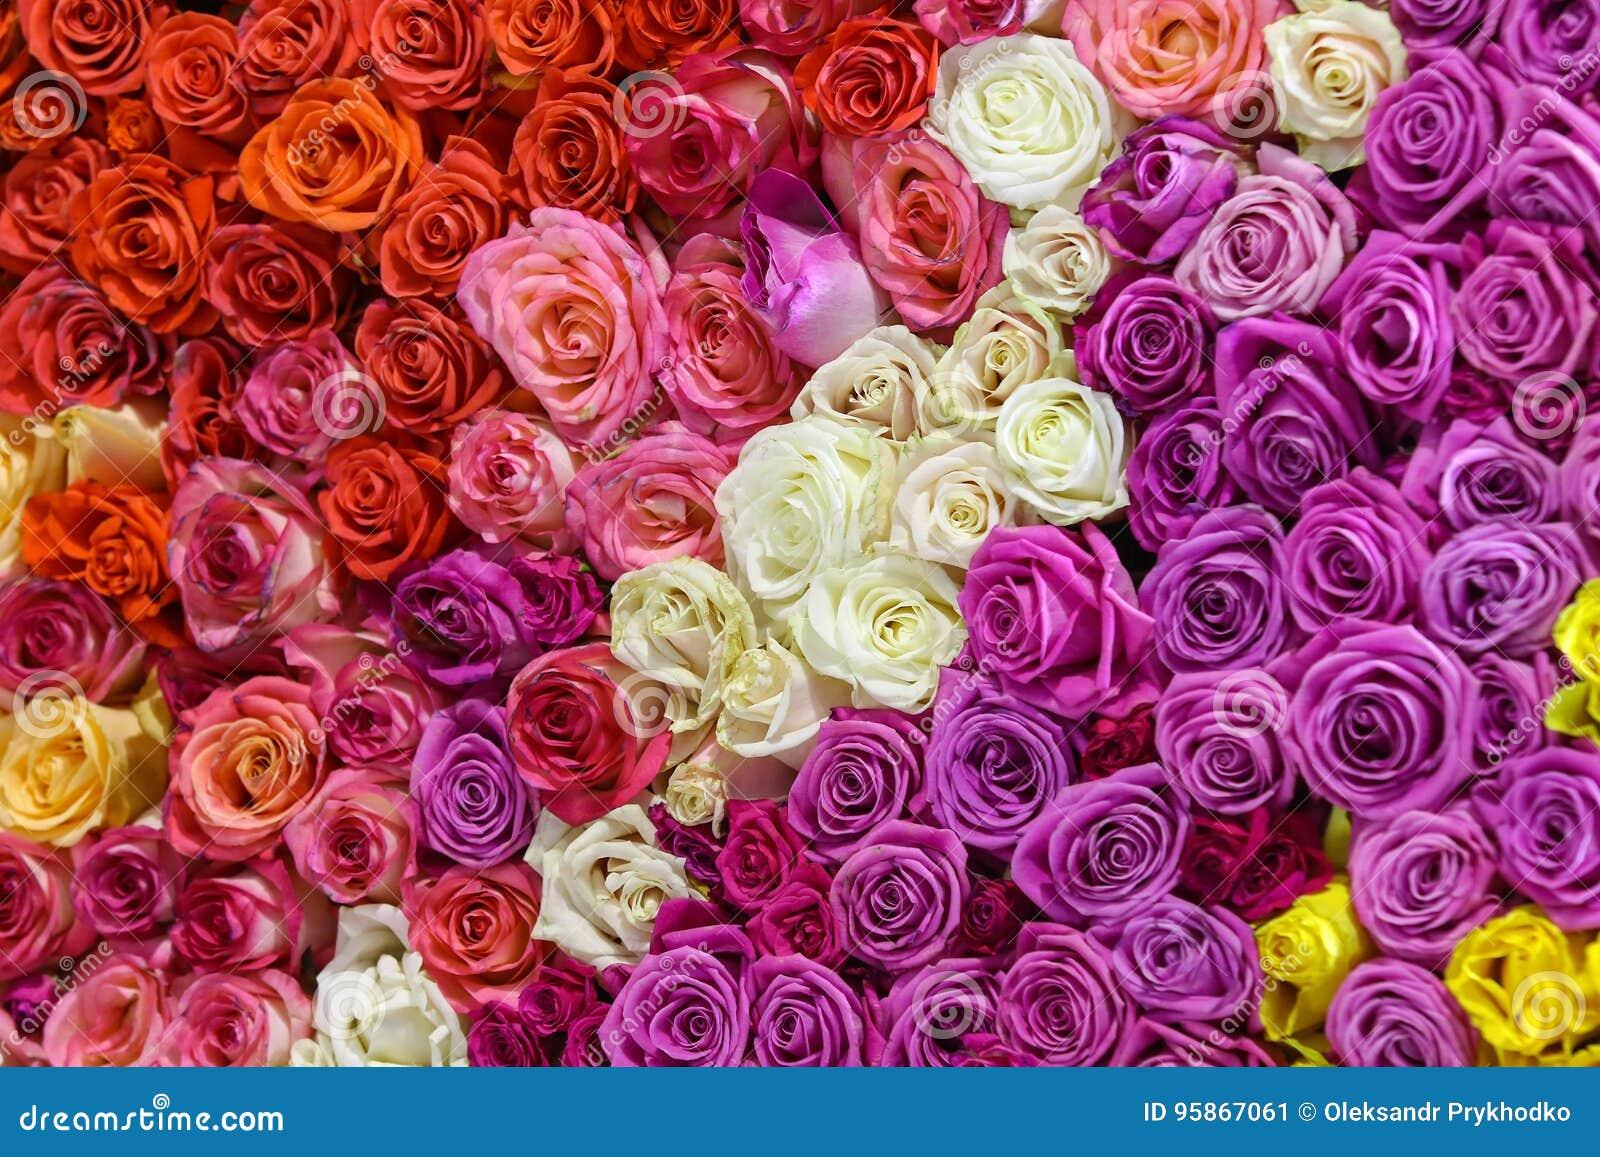 Schöne Wand Hergestellt Von Den Bunten Rosen Stockbild - Bild von ...